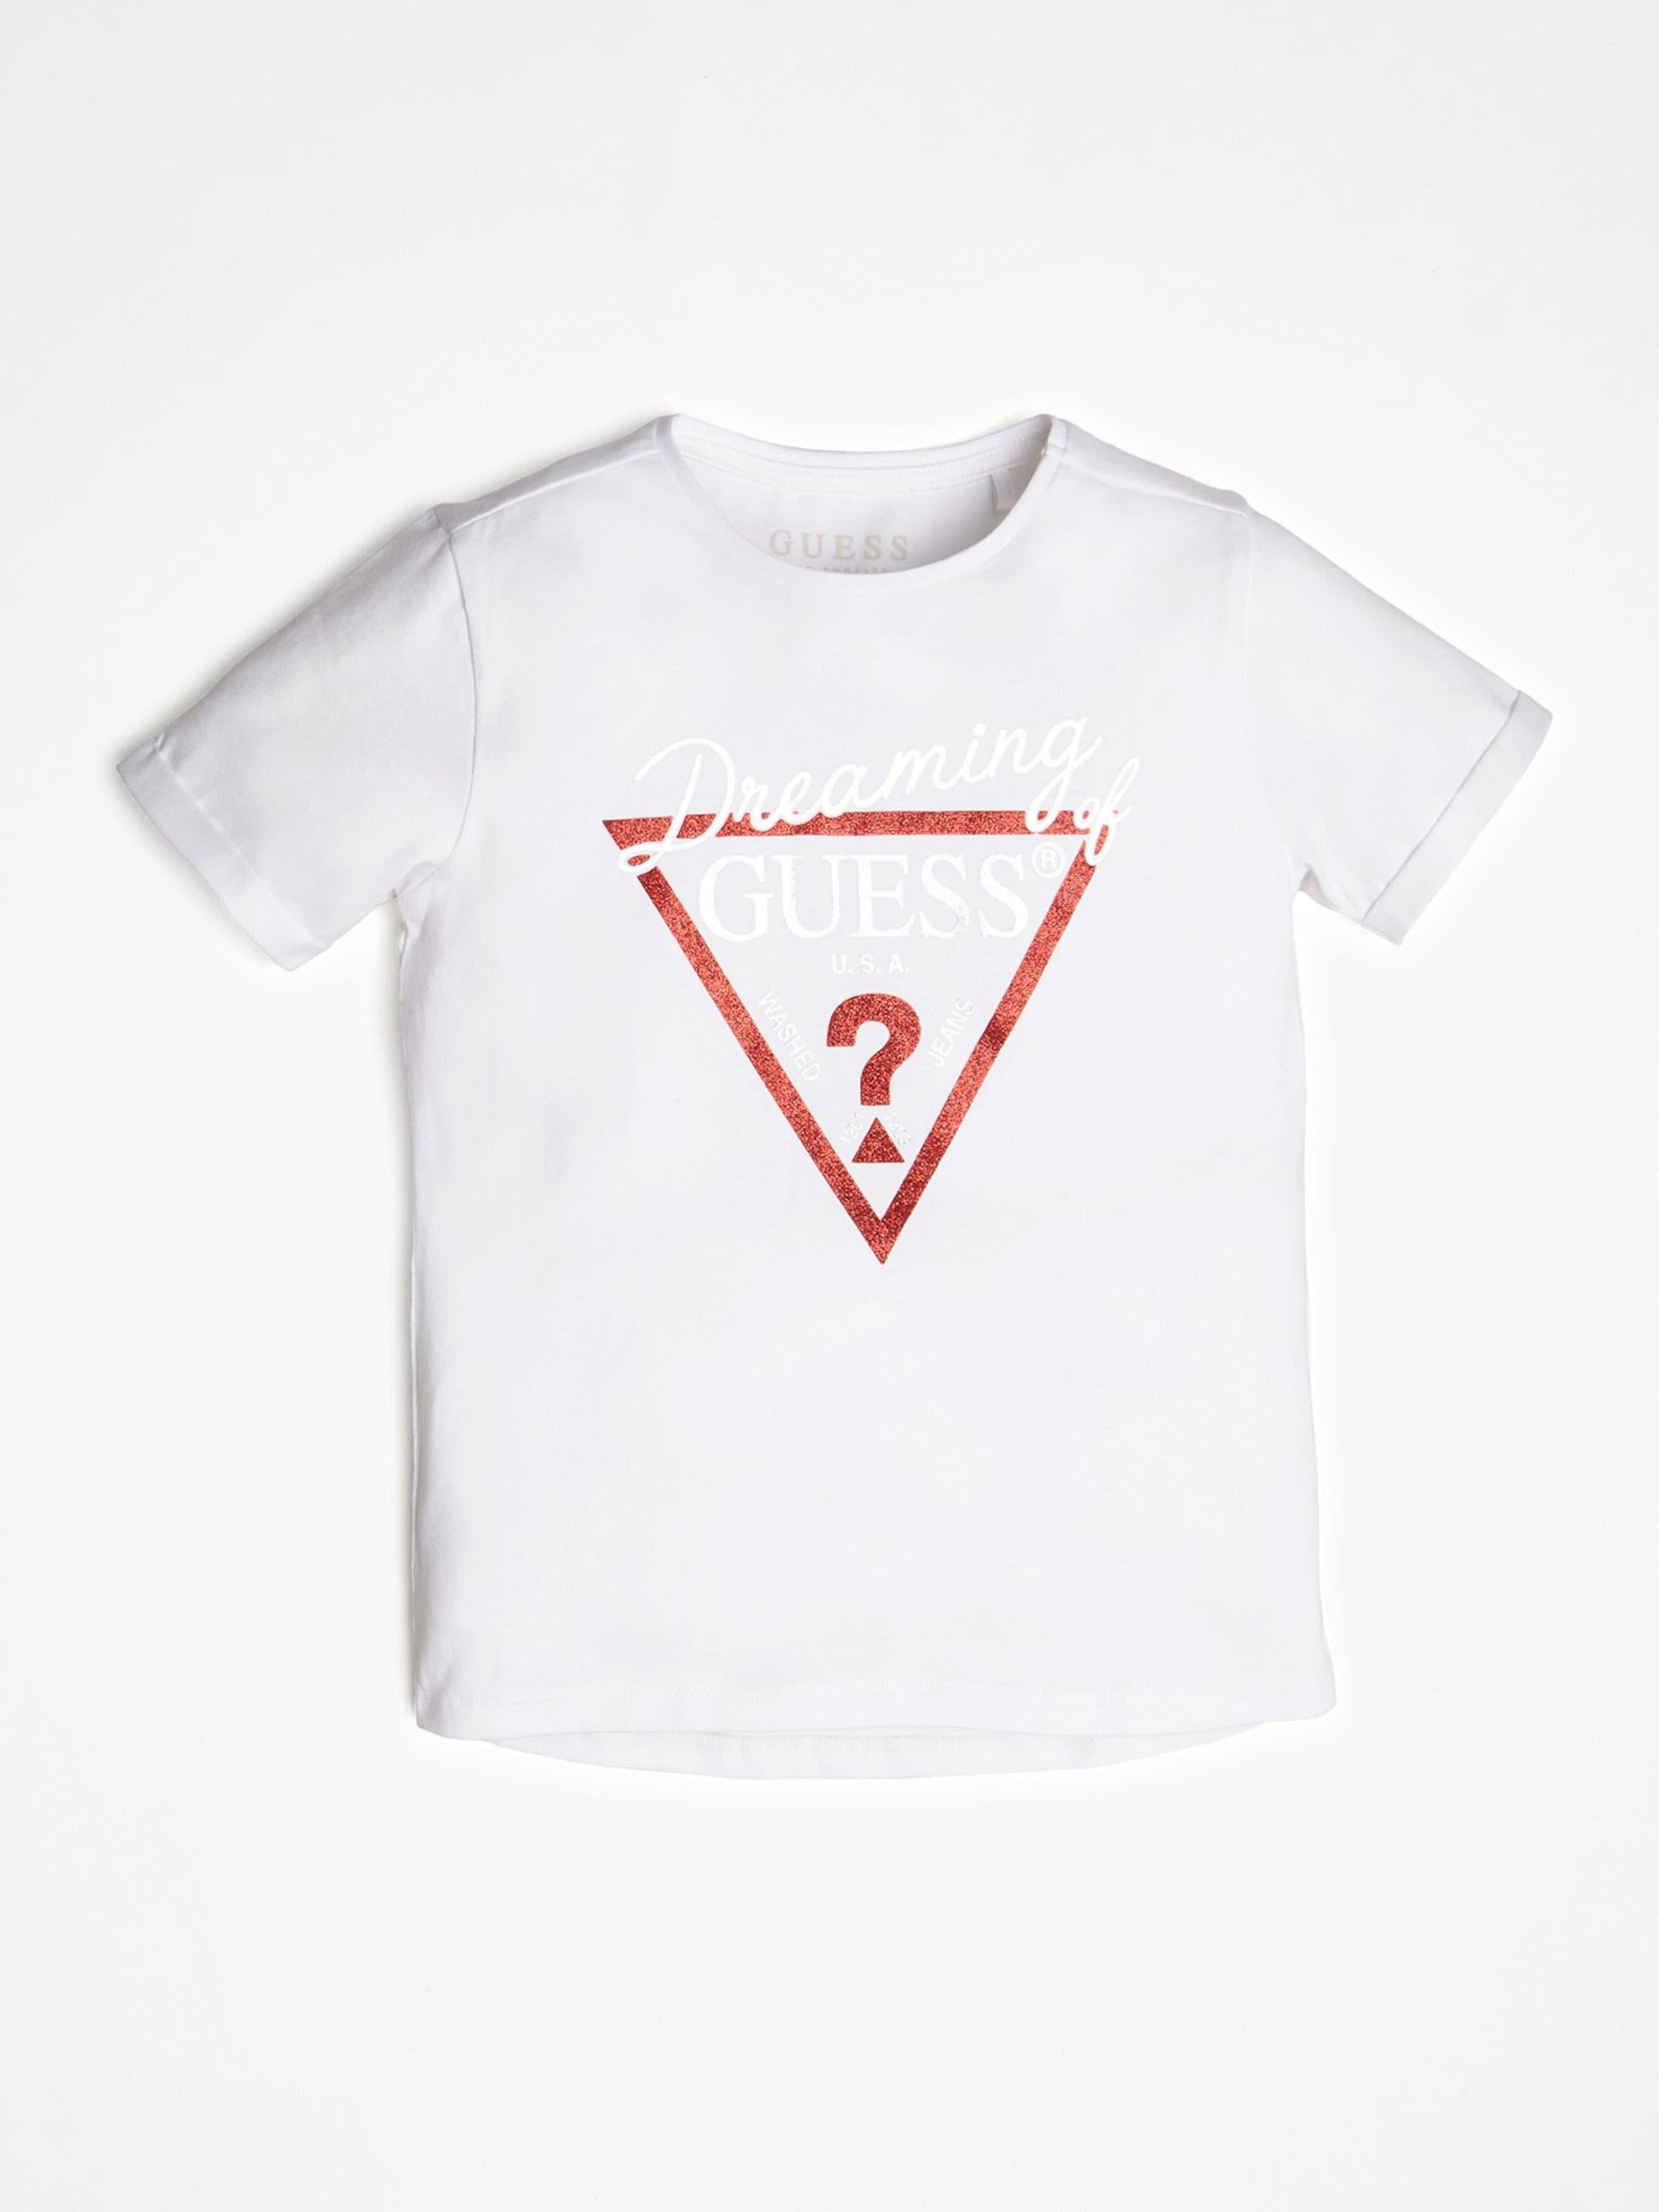 Kinder,  Mädchen,  Kinder GUESS KIDS T-Shirt rosa,  schwarz, rot,  silber,  weiß   07613414583675